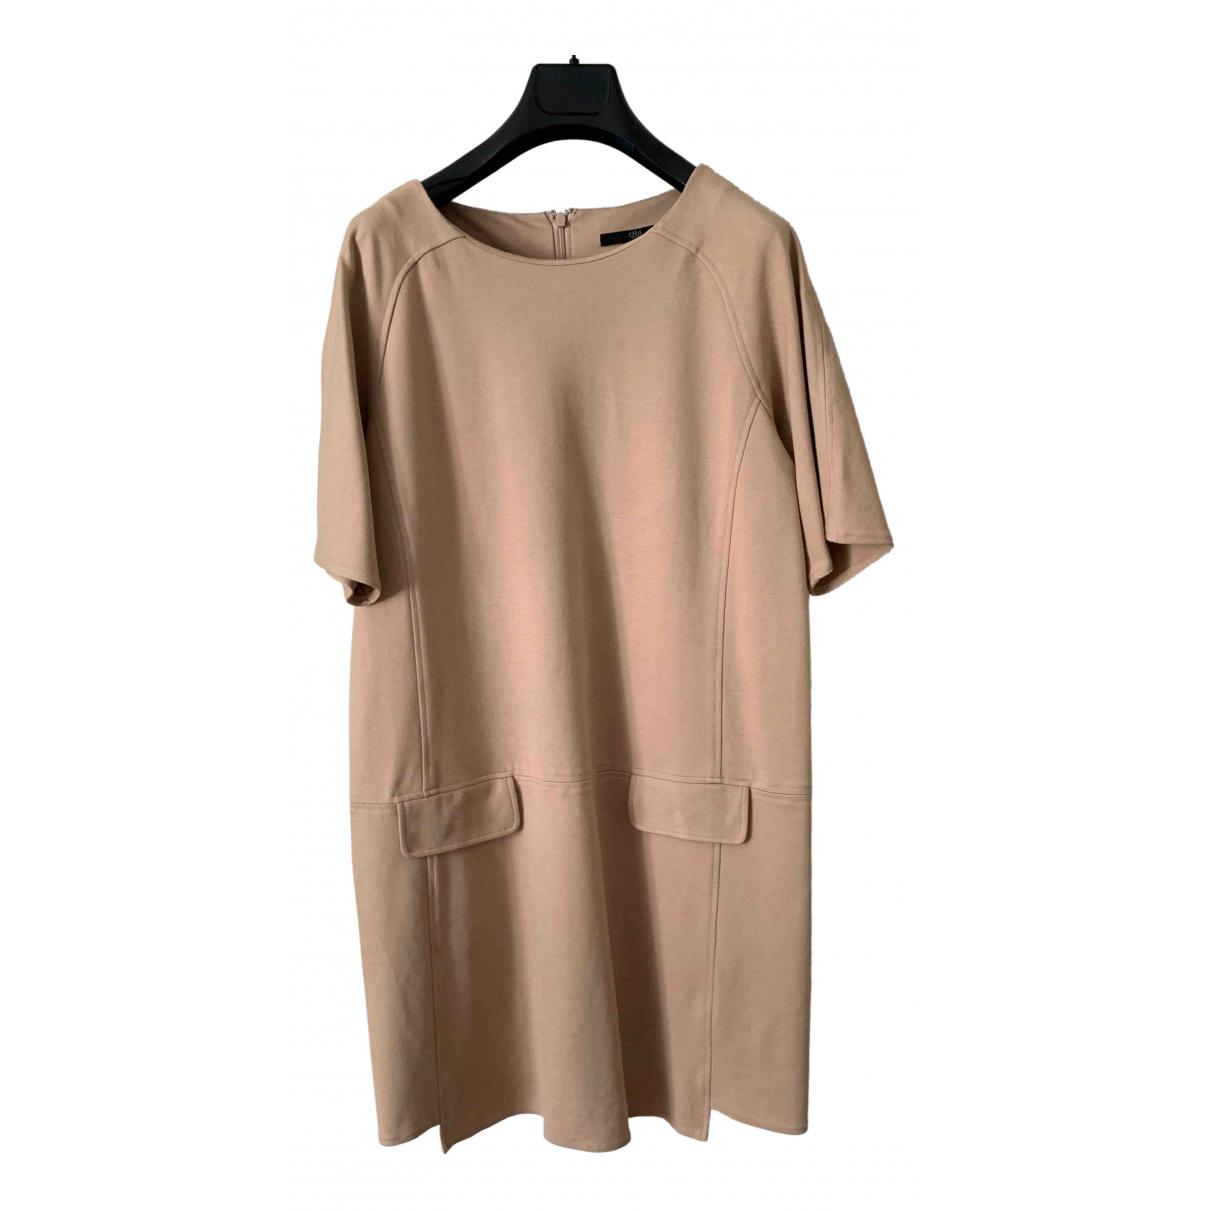 Tibi \N Kleid in  Beige Viskose